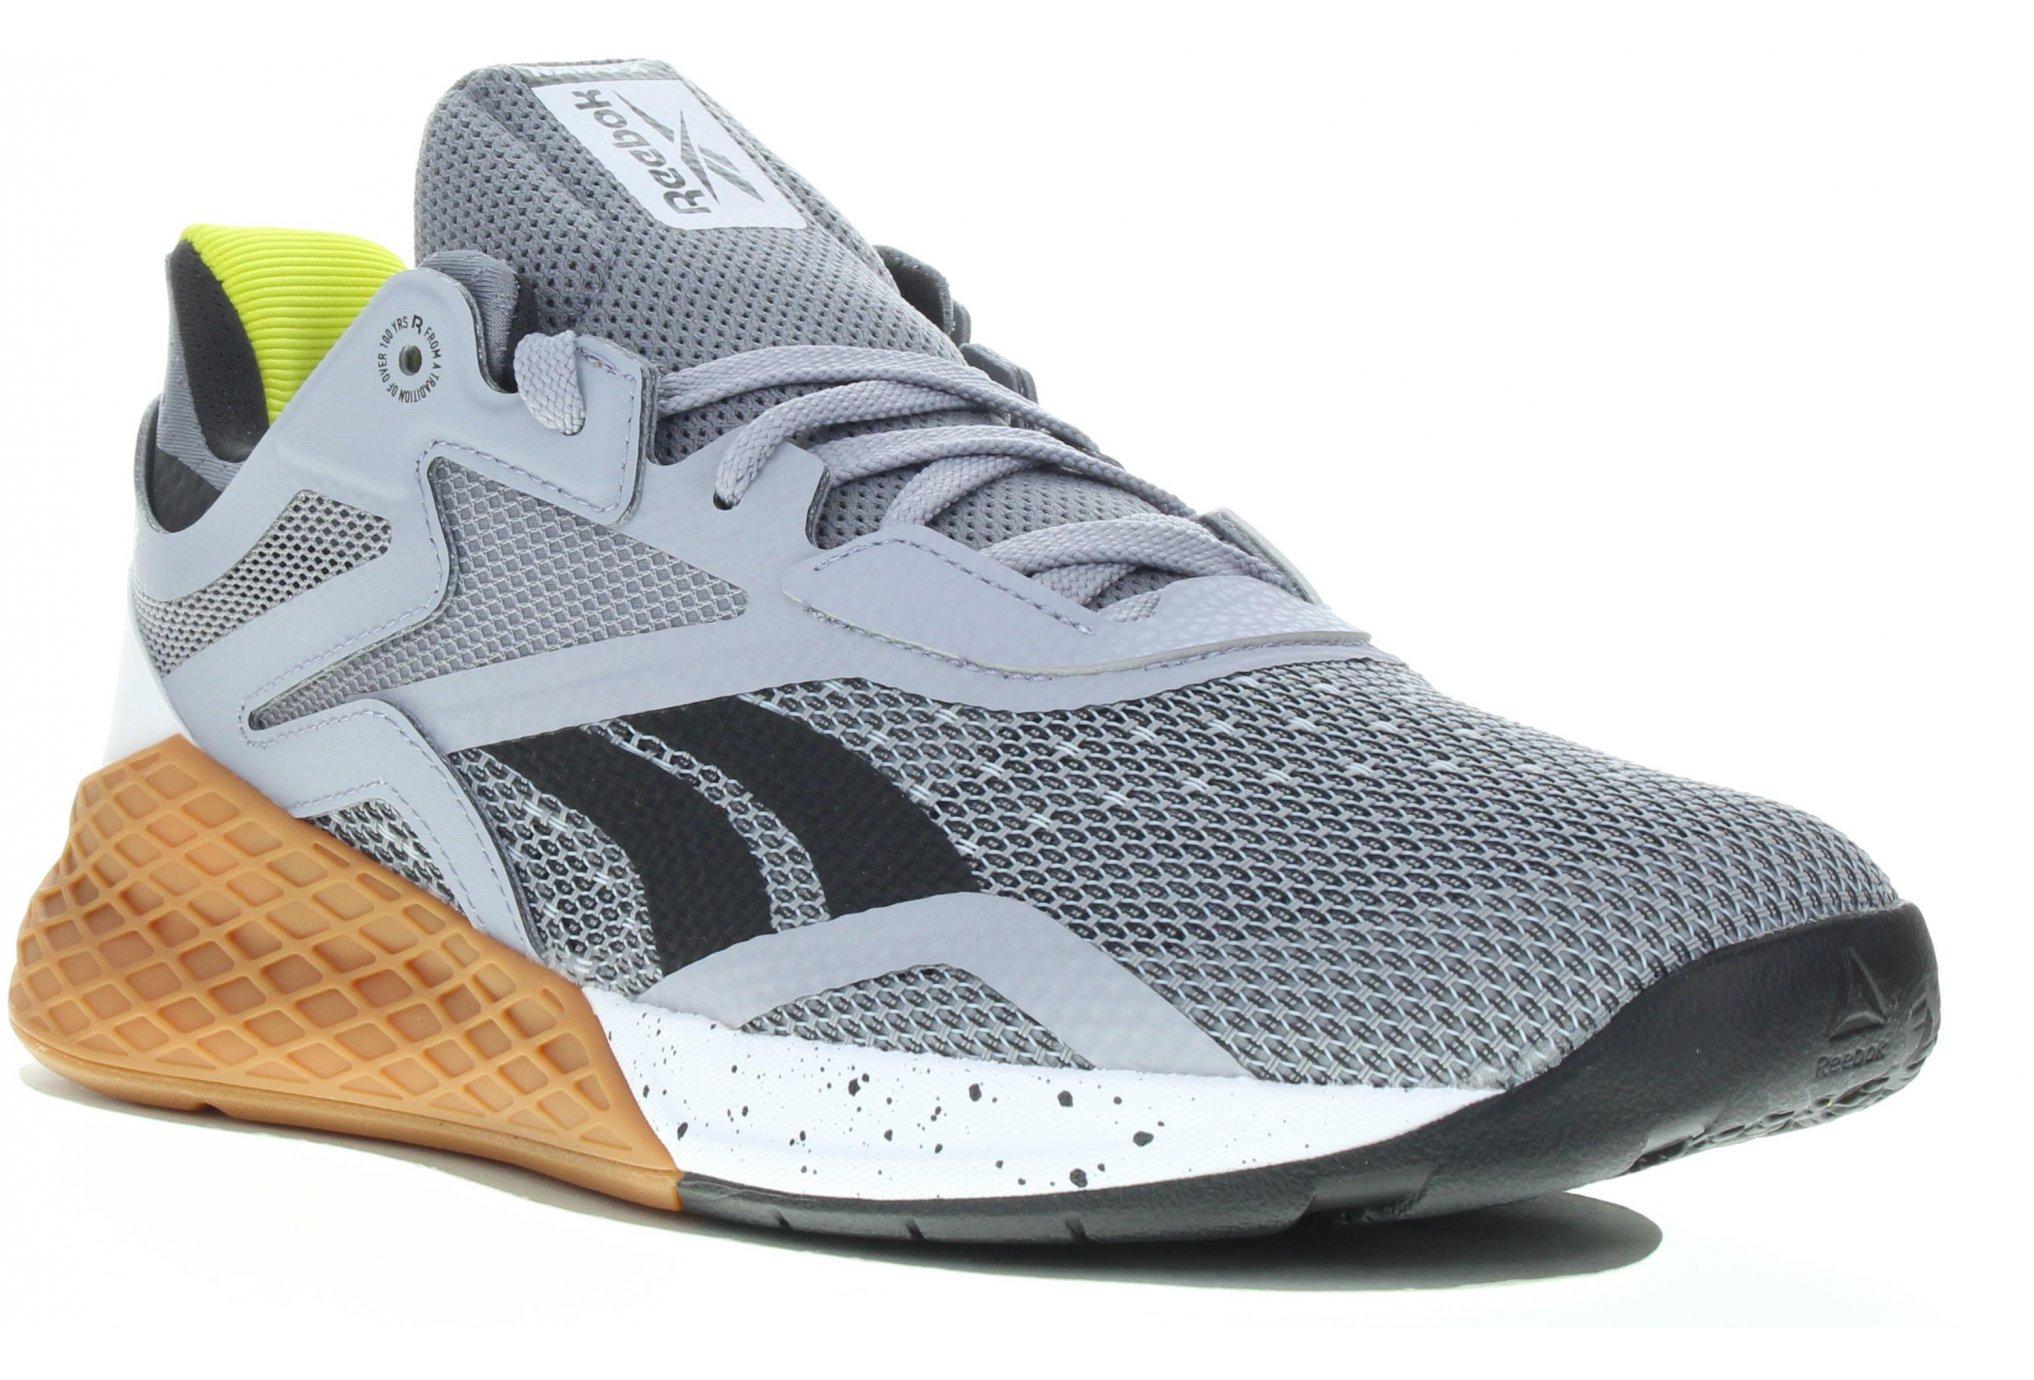 Reebok Nano X M Diététique Chaussures homme